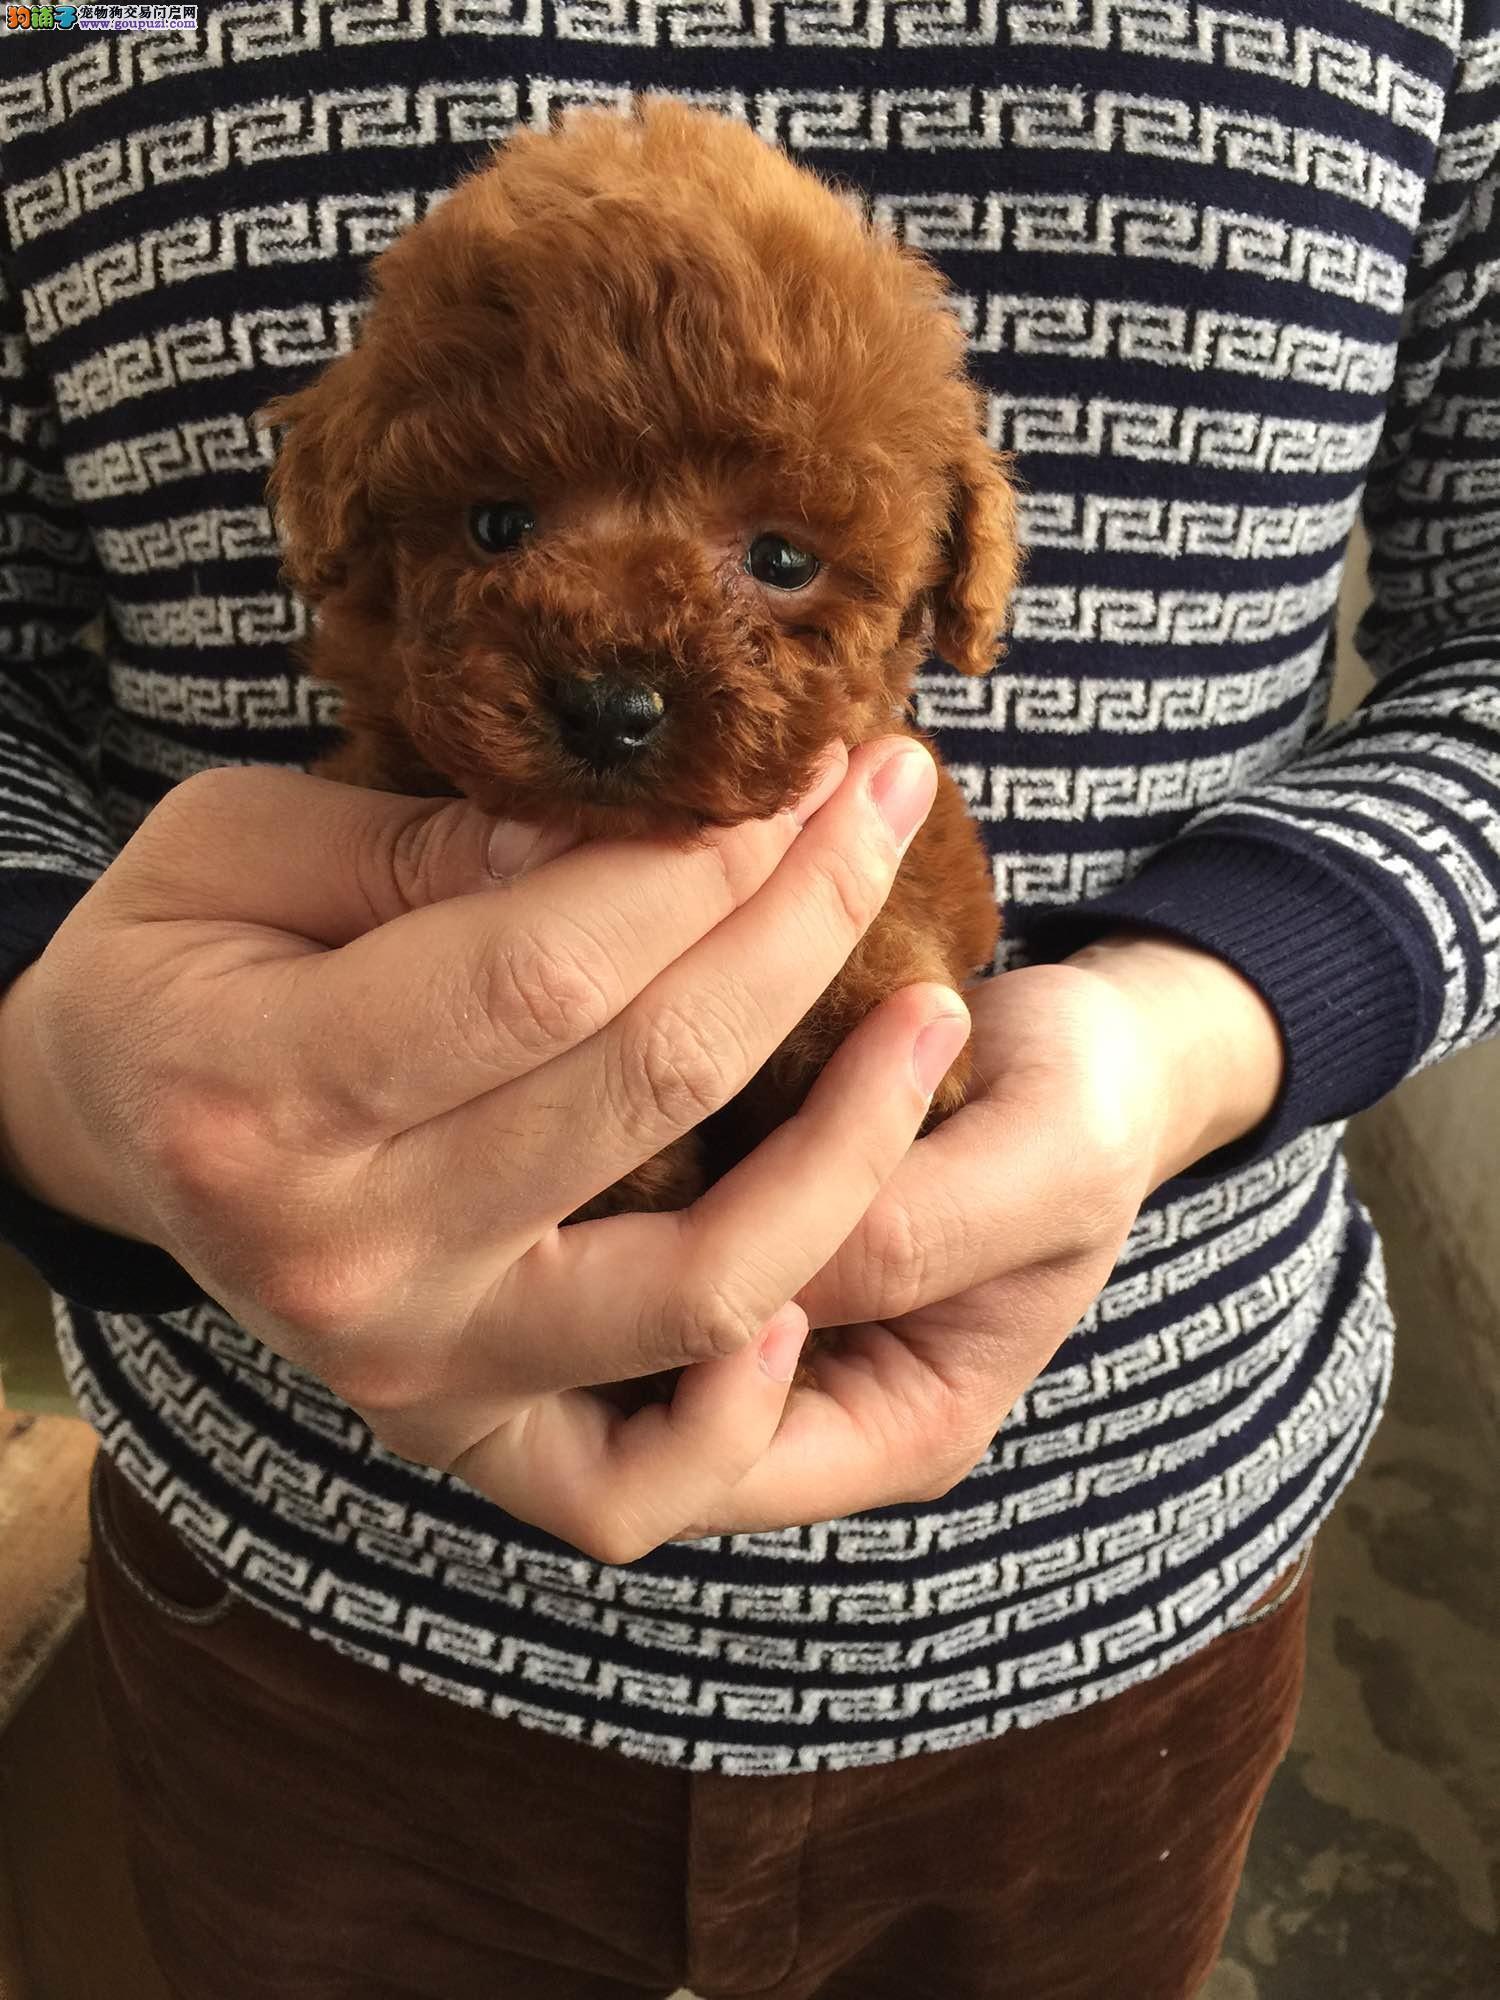 呼市泰迪犬图片、泰迪熊、玩具泰迪犬、茶杯泰迪犬